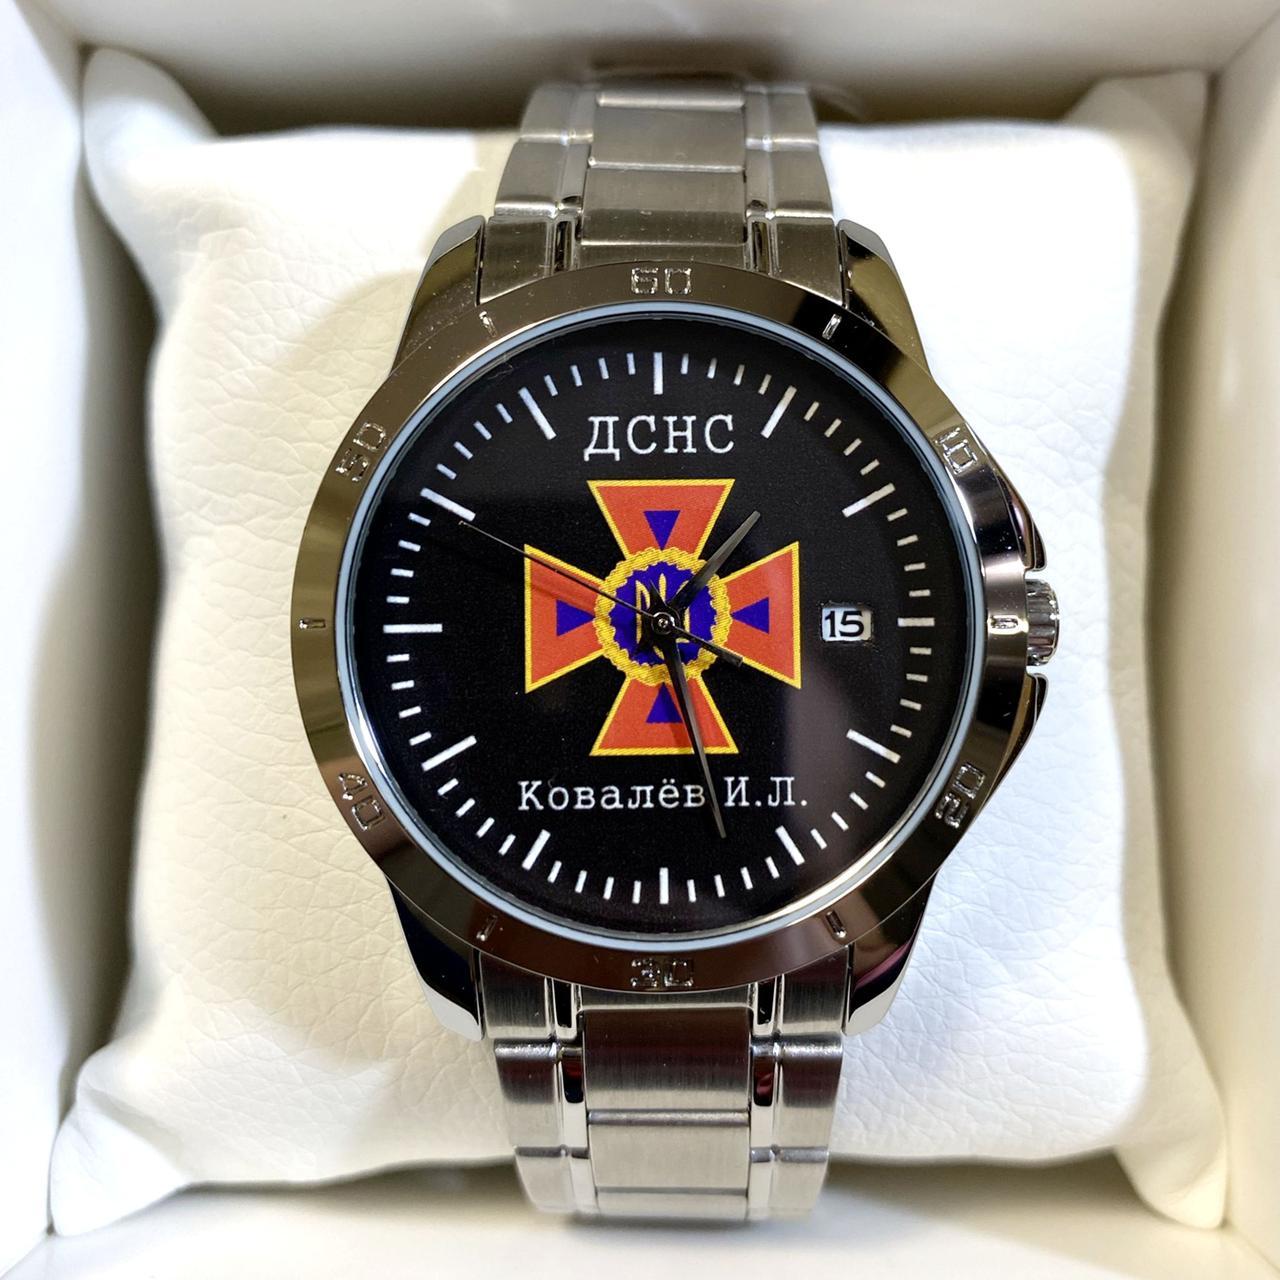 Годинник наручний CASIO з логотипом ДСНС (Державна служба України з питань надзвичайних ситуацій)